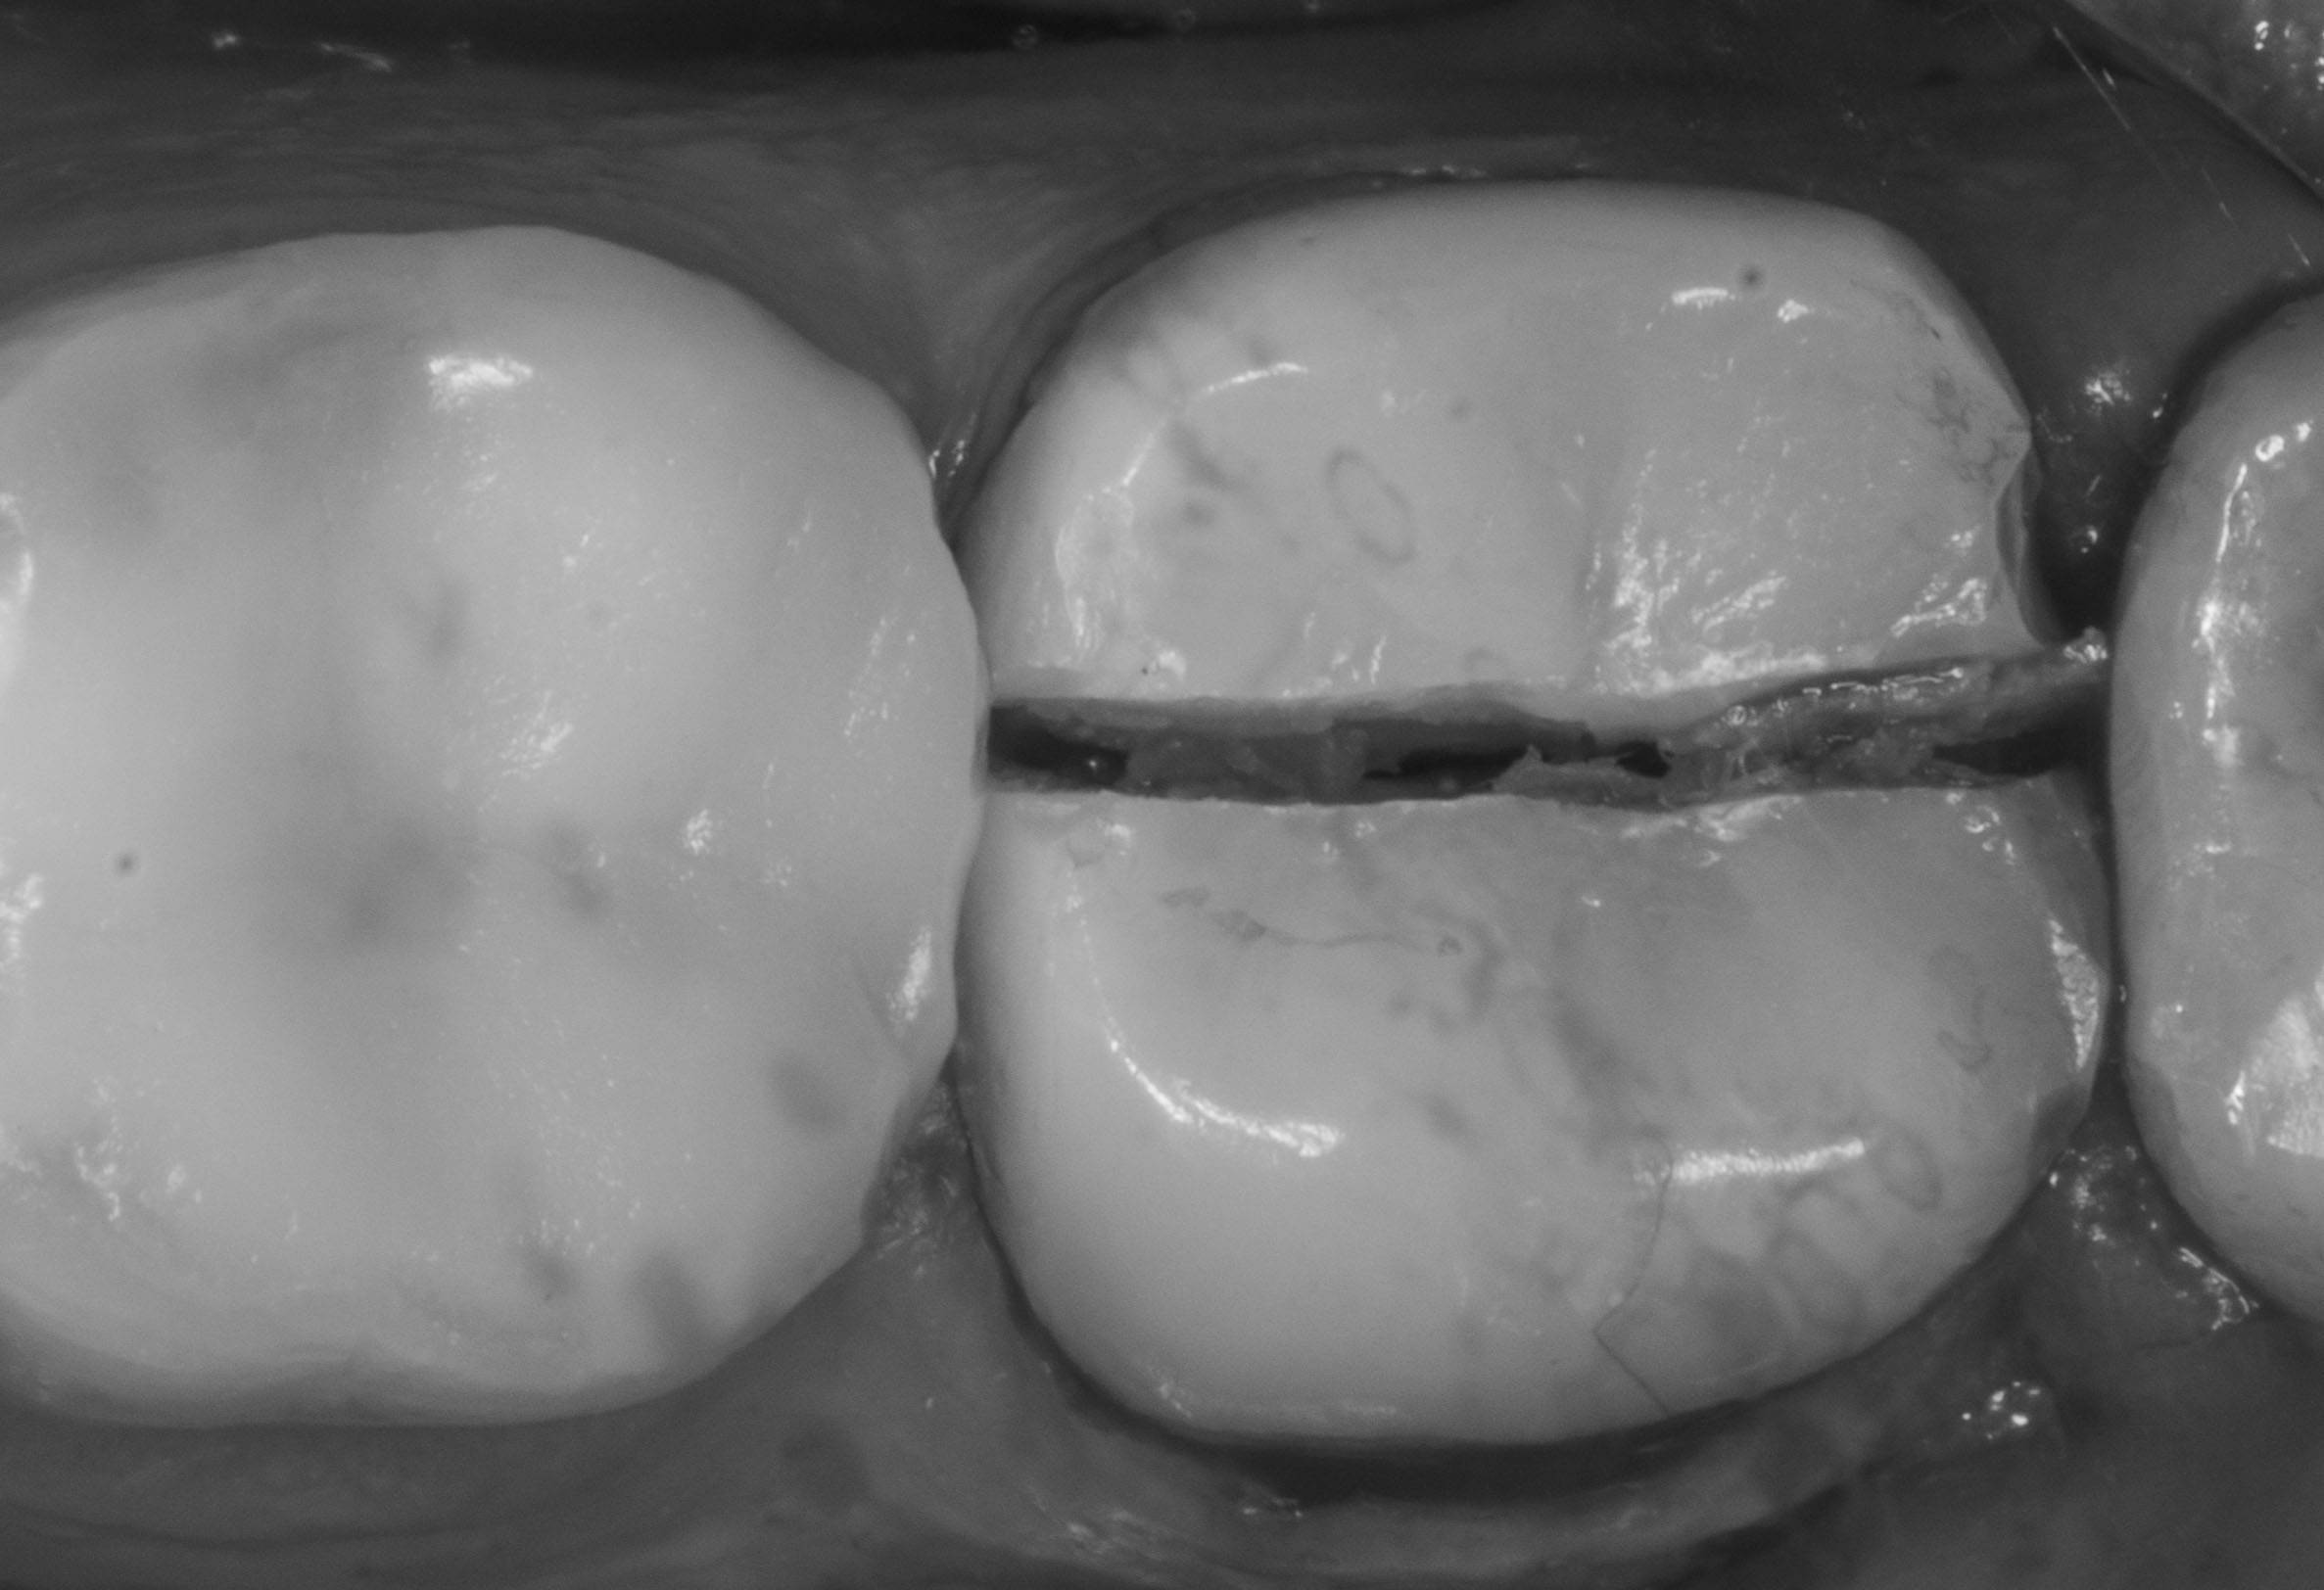 Почему после удаления нерва болит зуб при нажатии: причины неприятных ощущений после пломбирования и чистки каналов